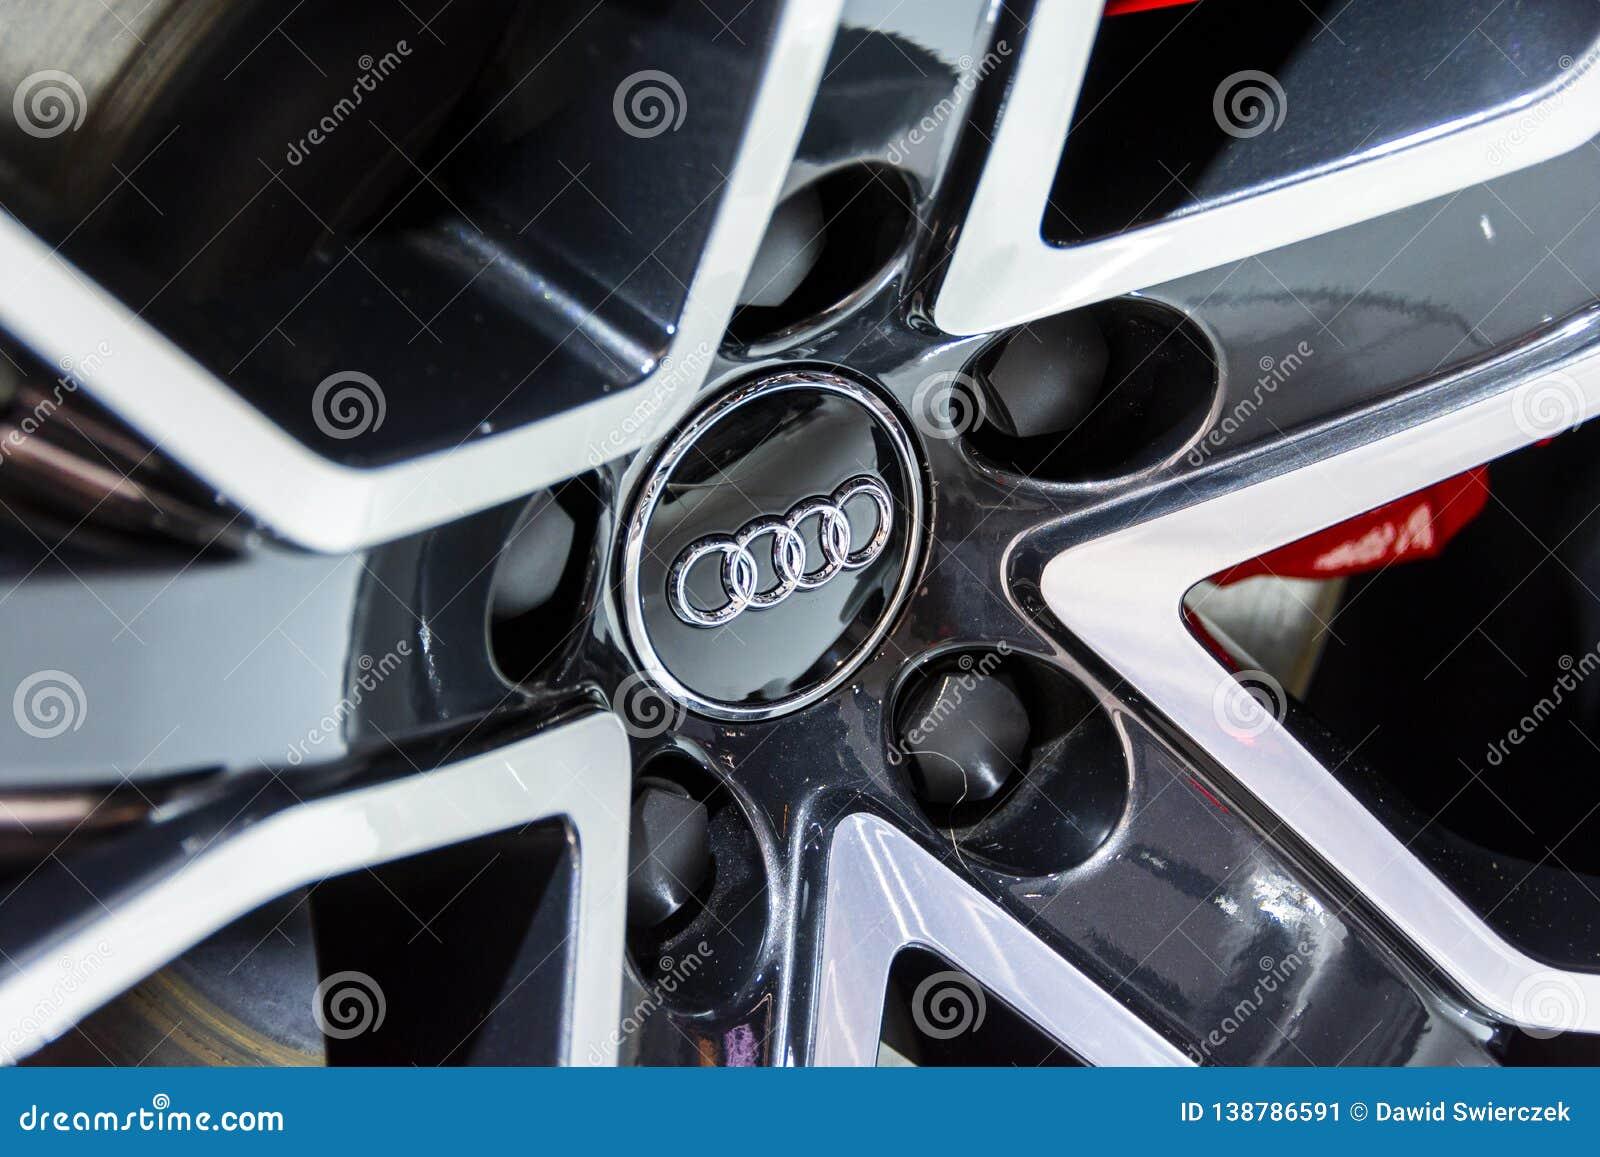 Audi emblem on an alloy wheel